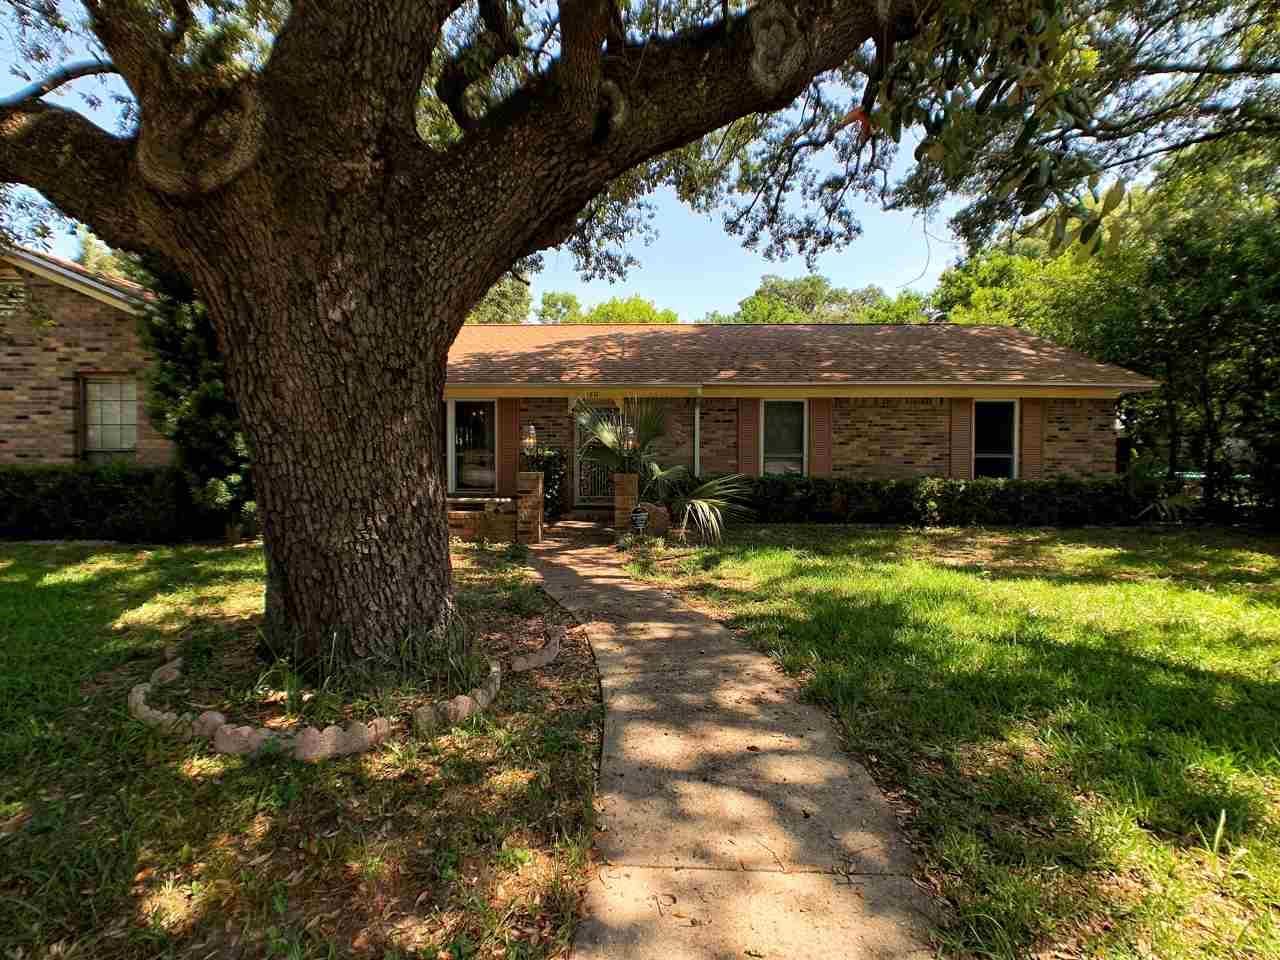 1812 W GARDEN ST, Pensacola, Florida